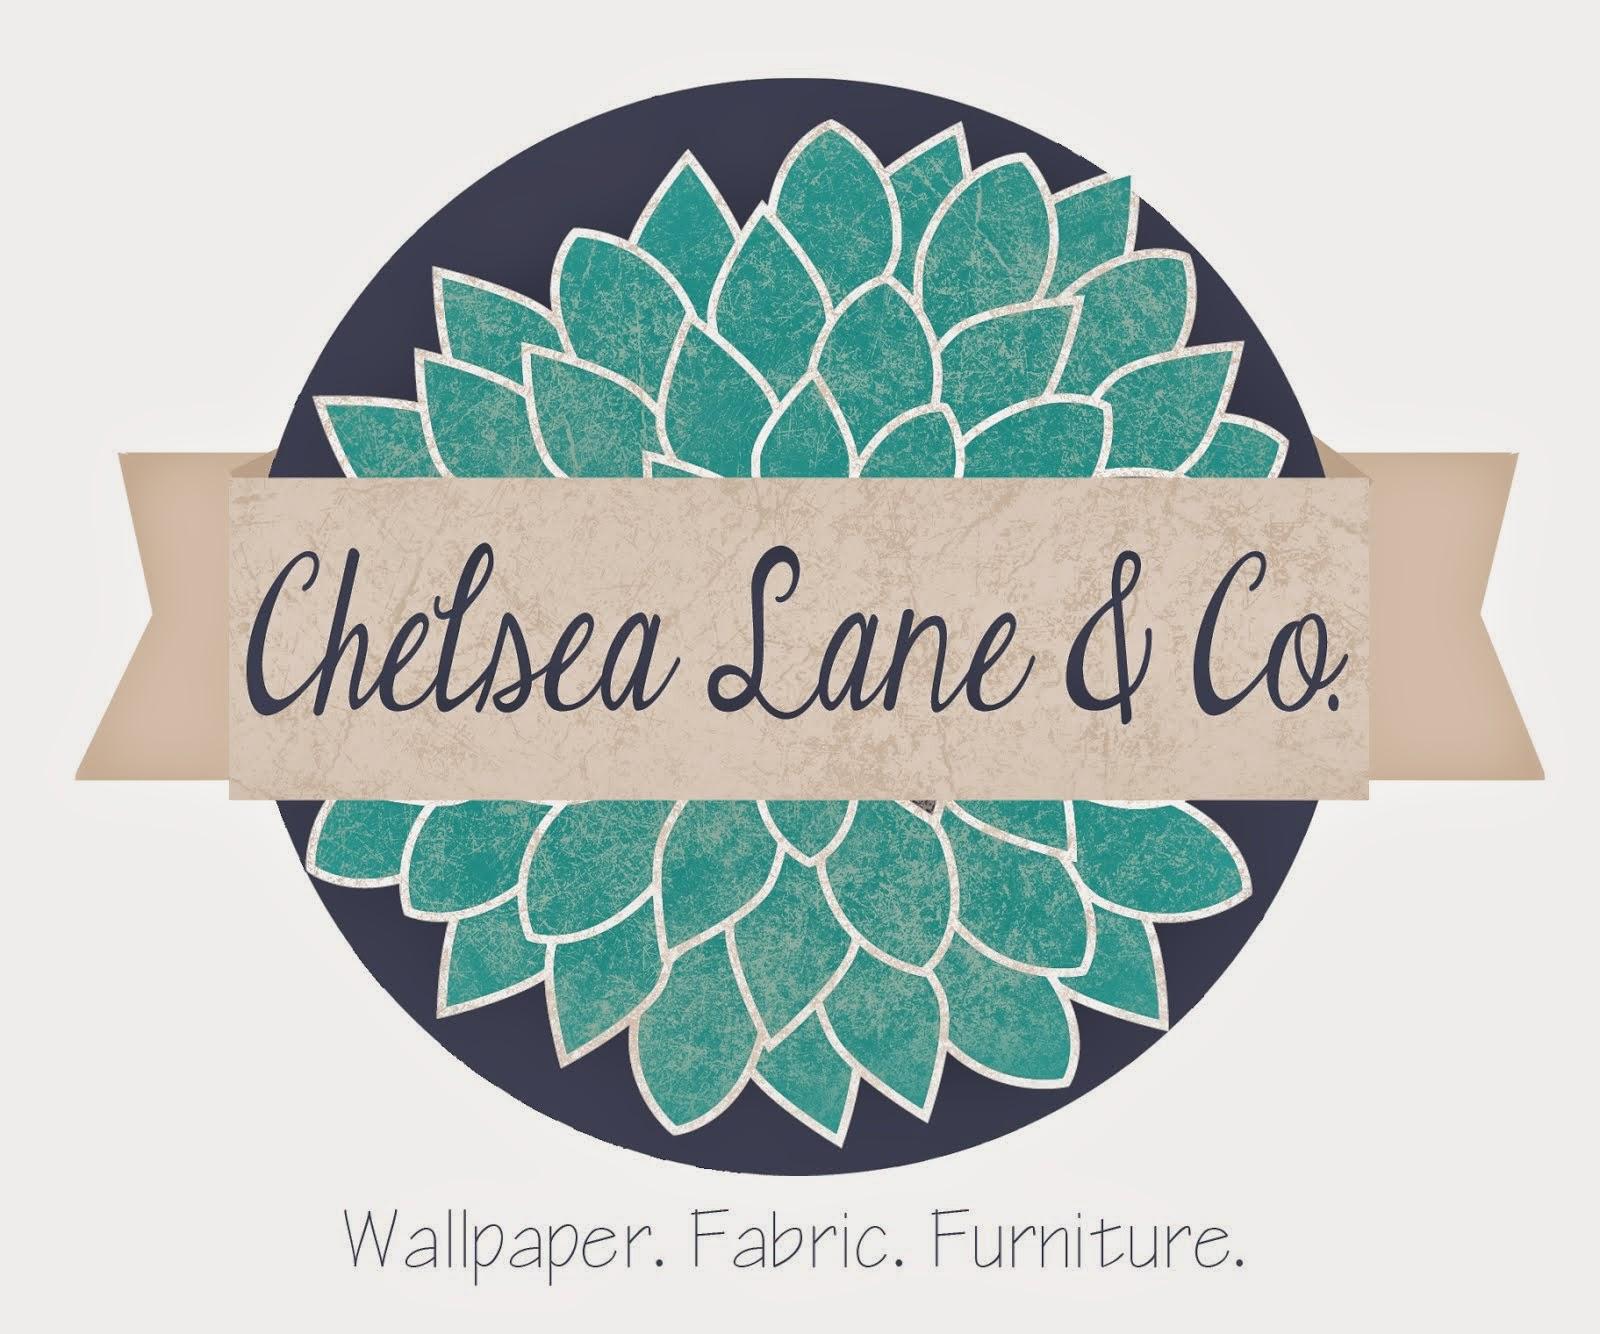 Chelsea Lane & Co.